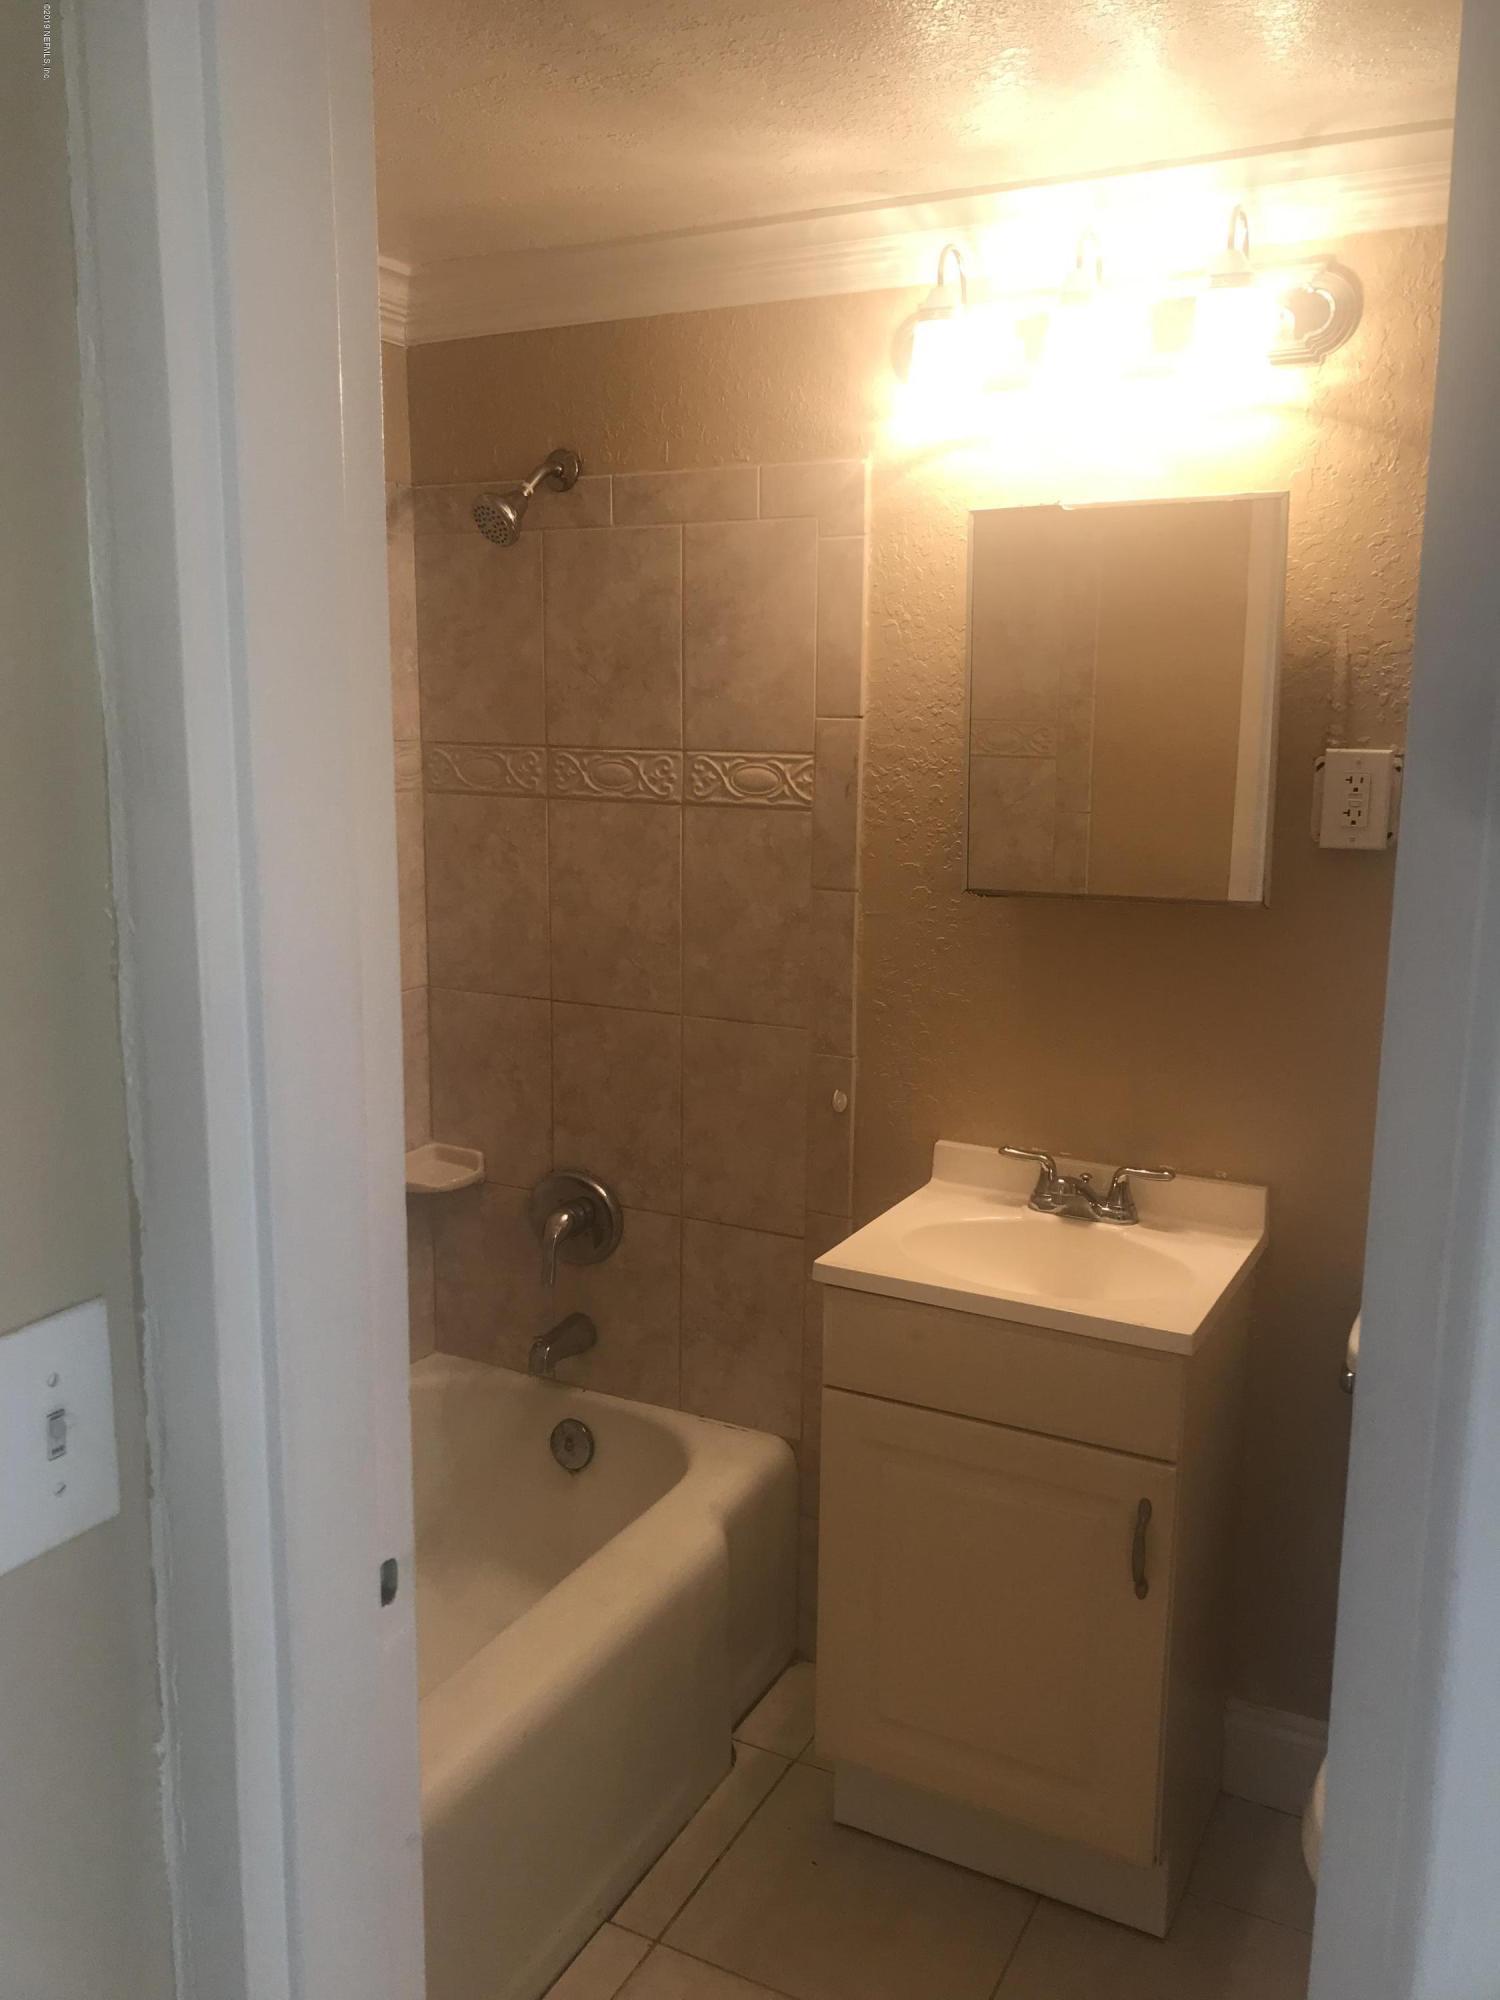 311 ASHLEY- JACKSONVILLE- FLORIDA 32202, 1 Bedroom Bedrooms, ,1 BathroomBathrooms,Condo,For sale,ASHLEY,1017825